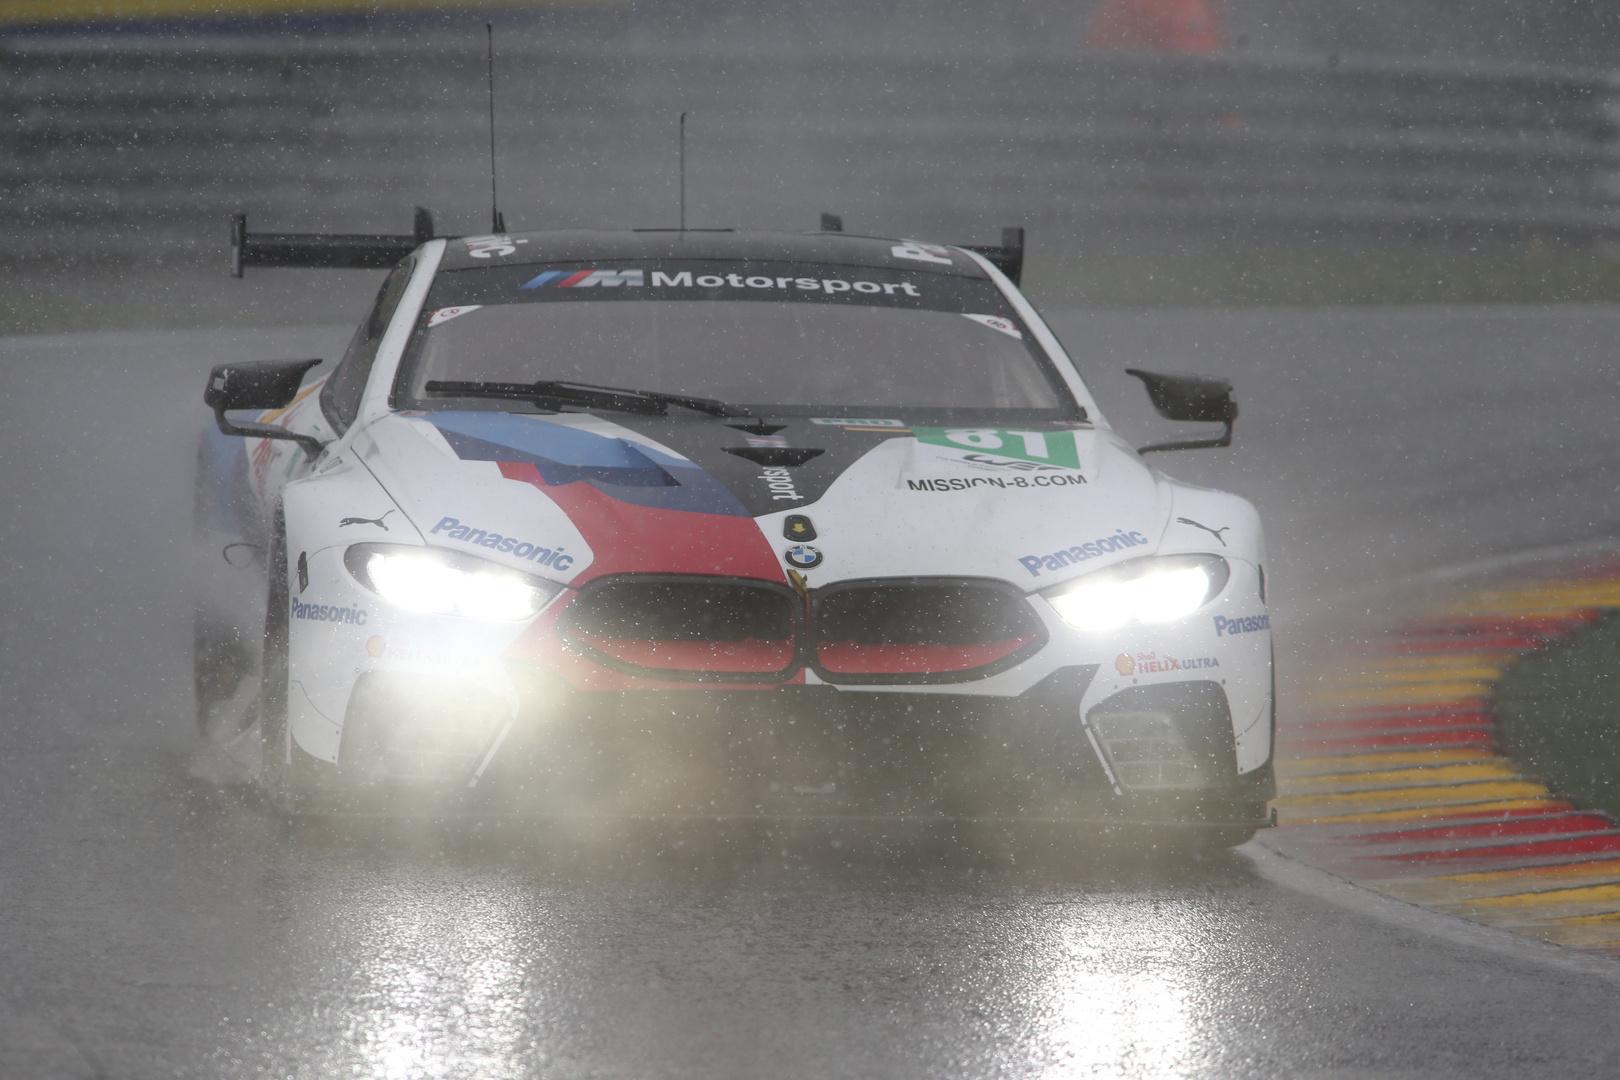 FIA WEC SPA FRANCORCHAMPS 2019